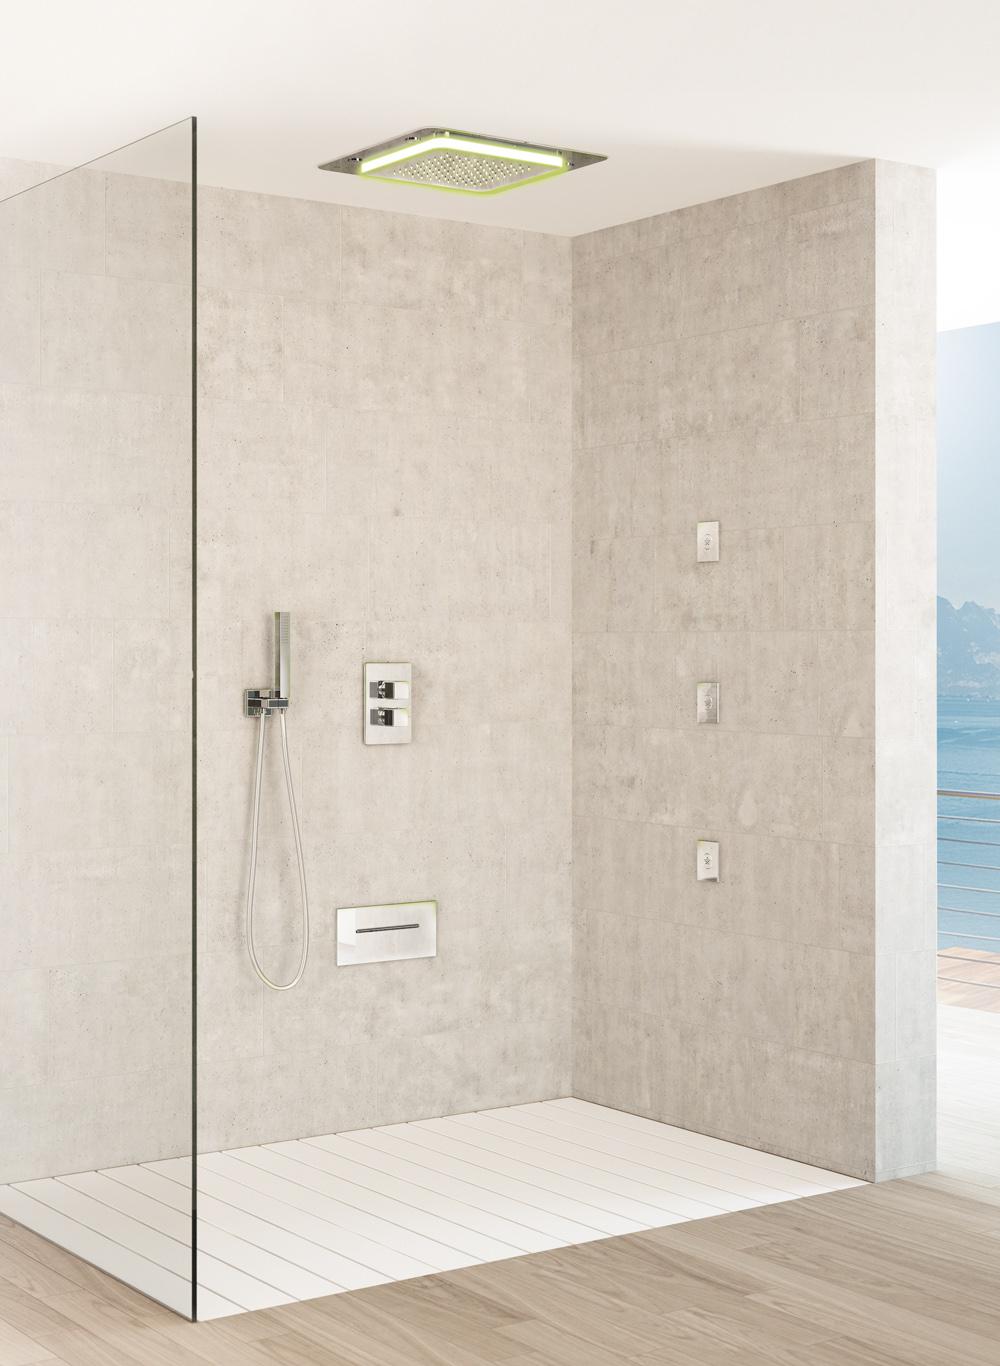 Multifunktionsdusche Dusche Playone Deckeneinbau leitet seitlichen Körper Jet-Dusche